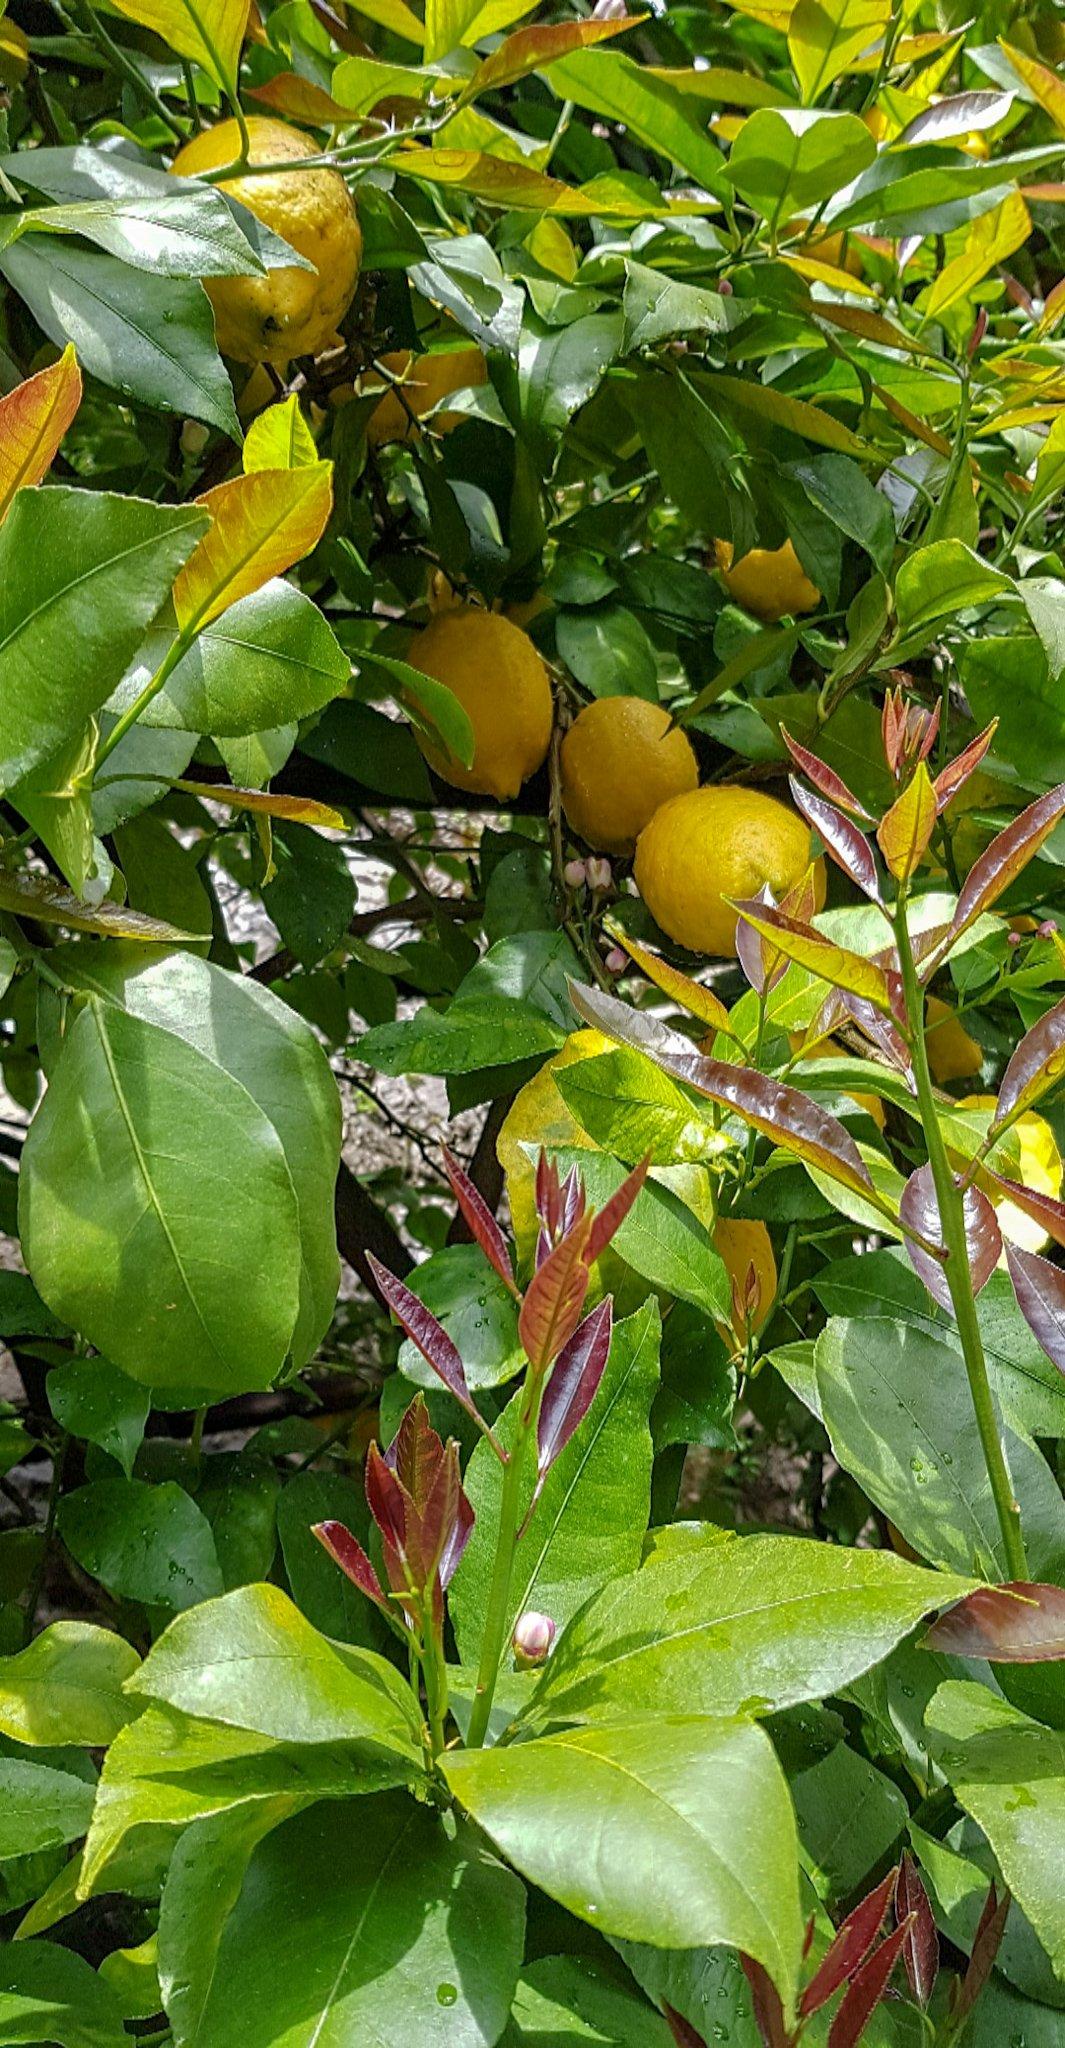 conny doll lifestyle: Limone sul Garda, Gardasee, Zitronen, Ausstellung, Sightseeing